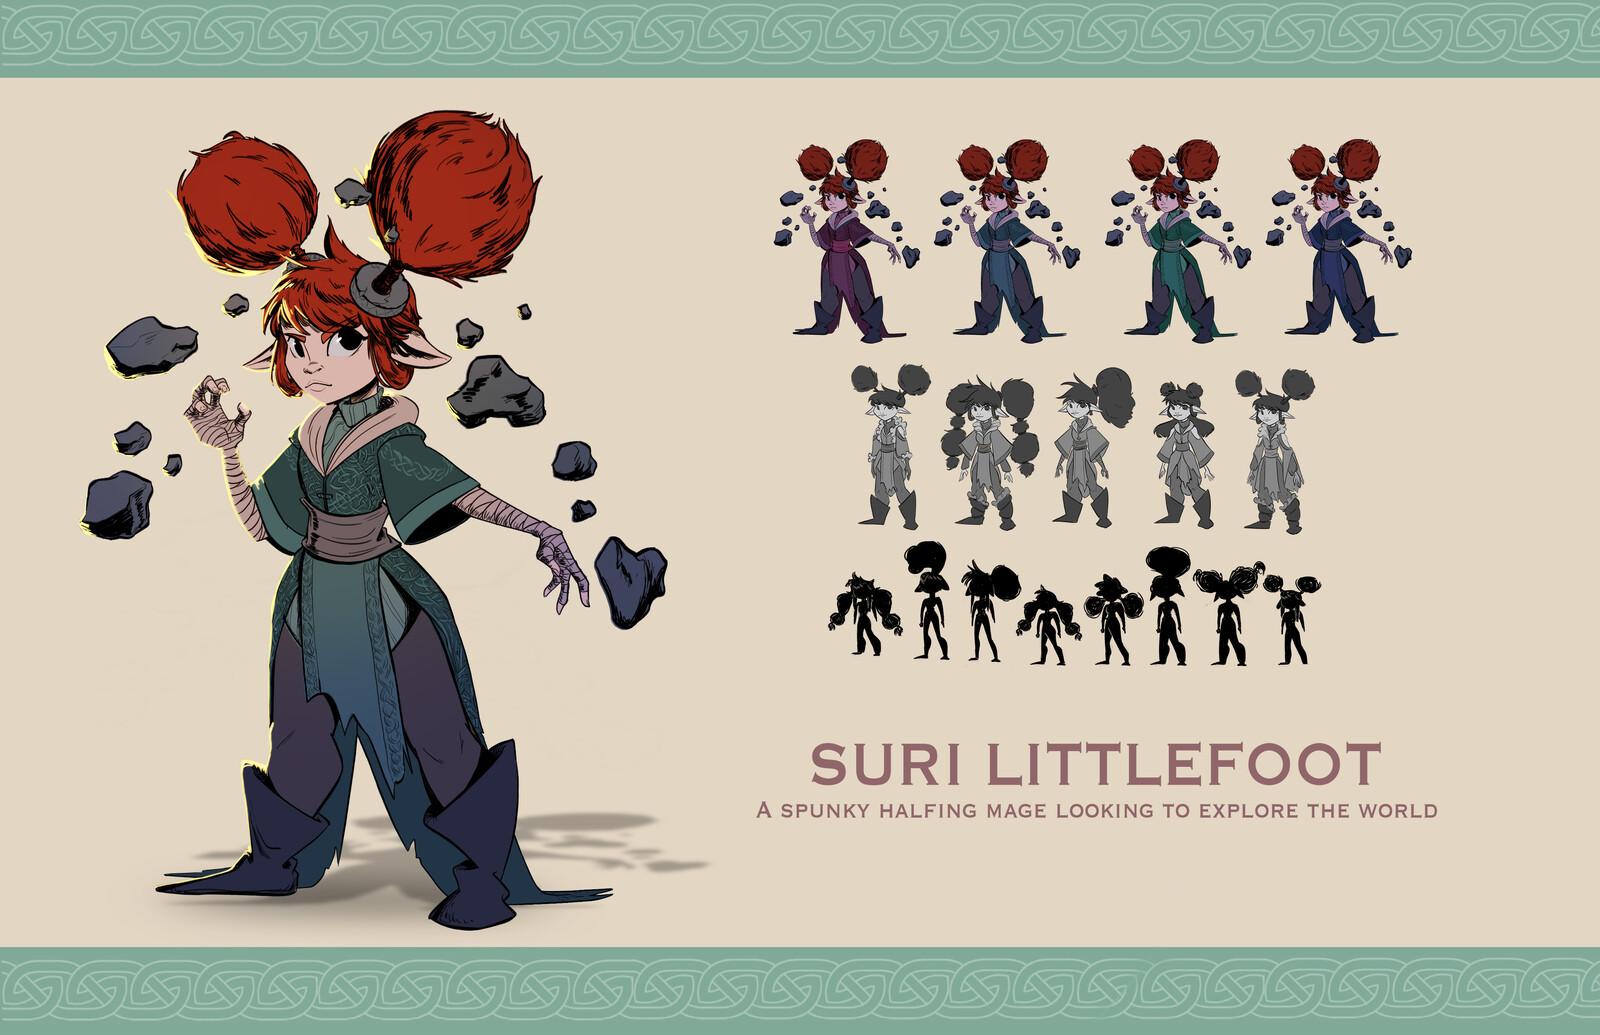 Suri Littlefoot